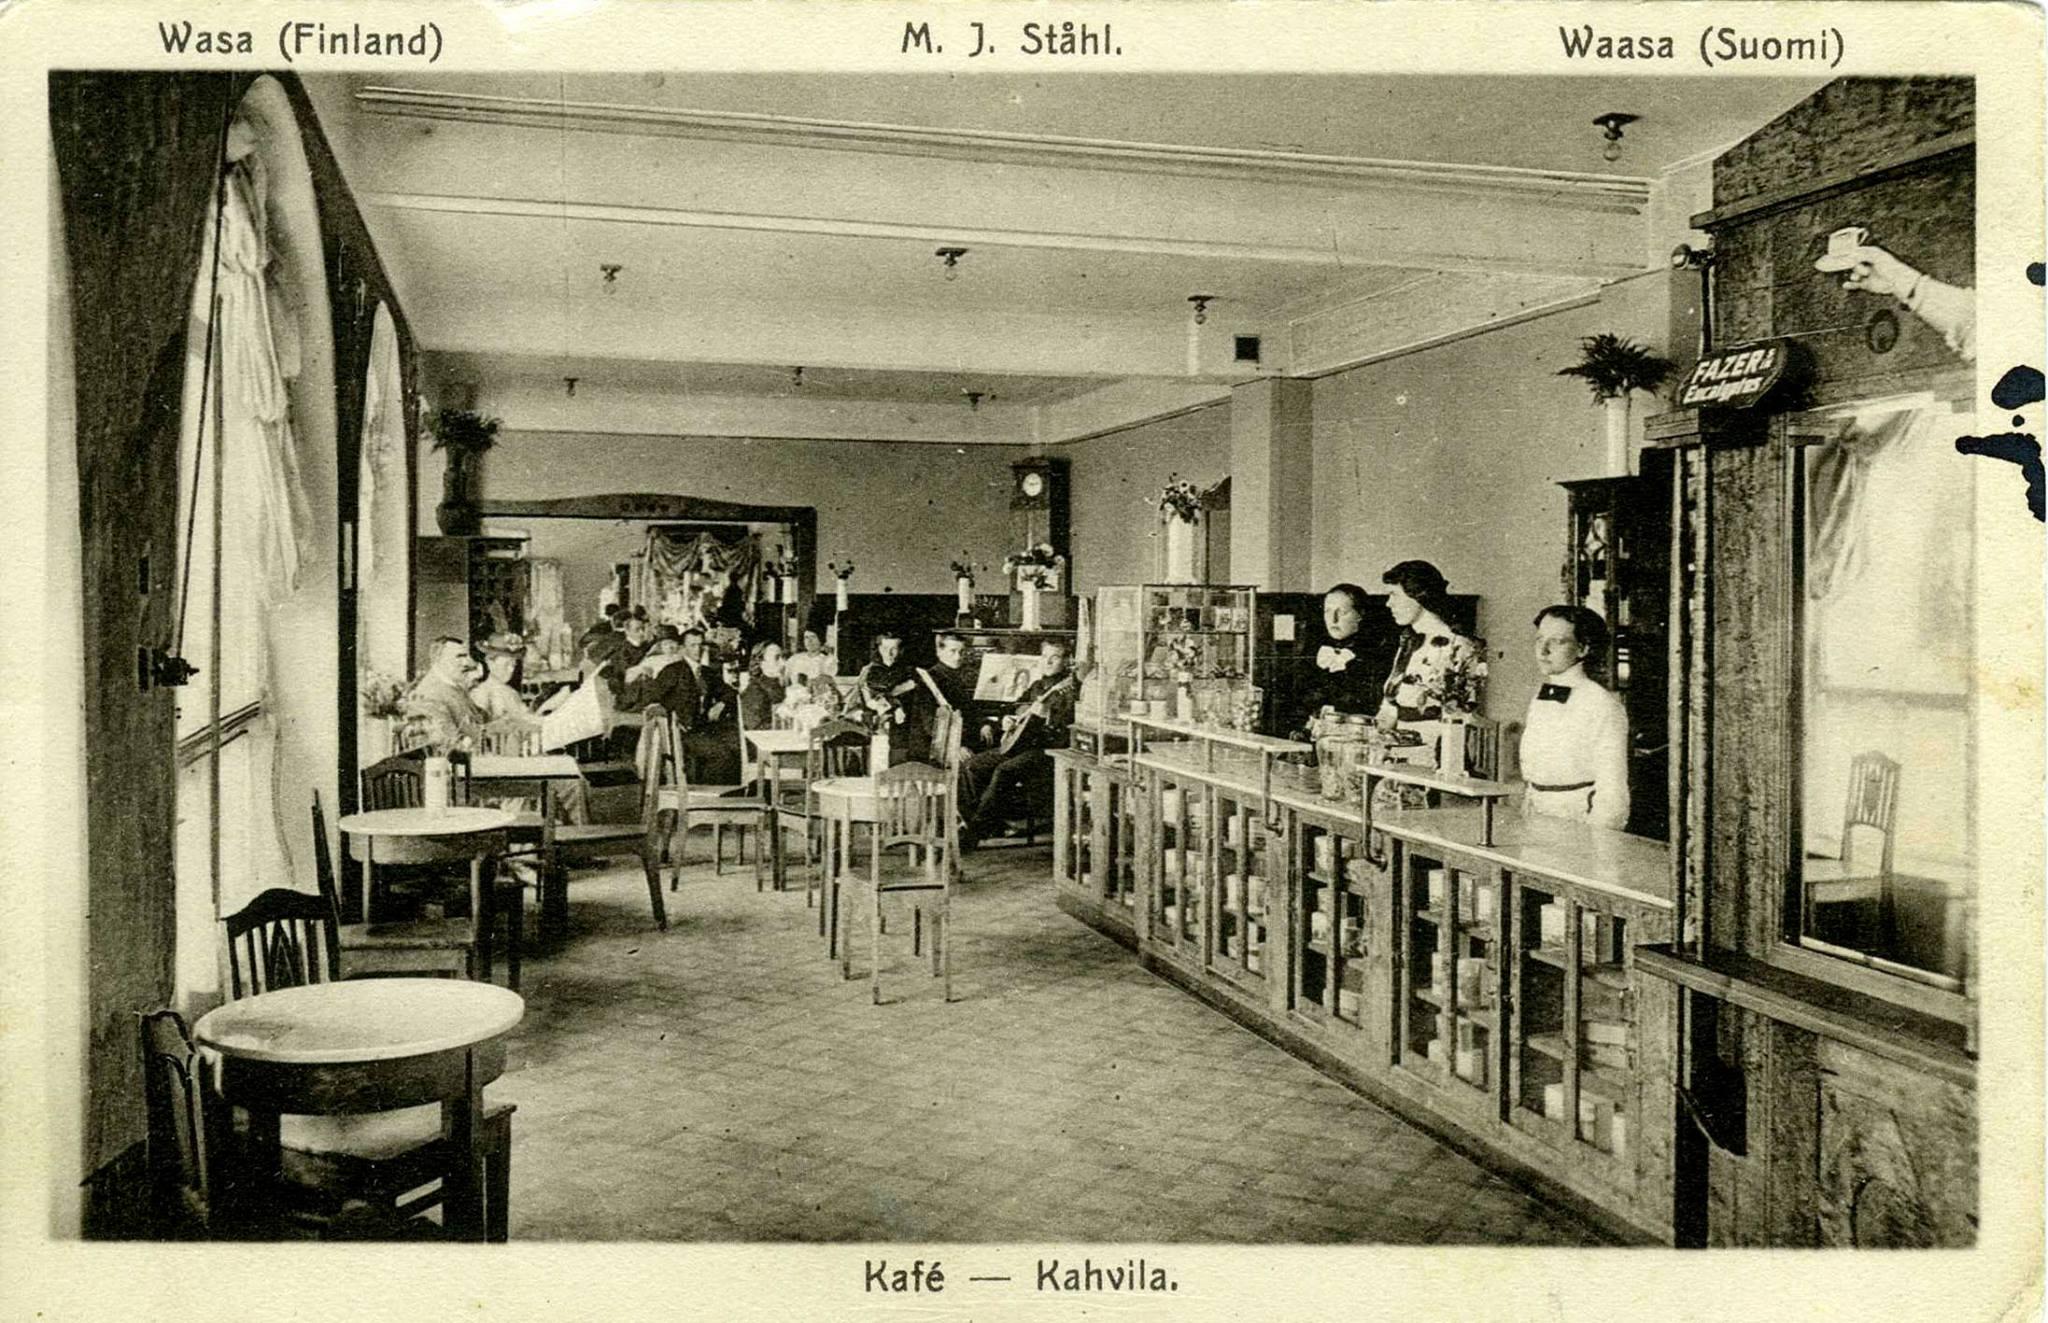 Det var ett fint och modernt kafé som Olga arbetade på medan brodern Viktor var i militären.